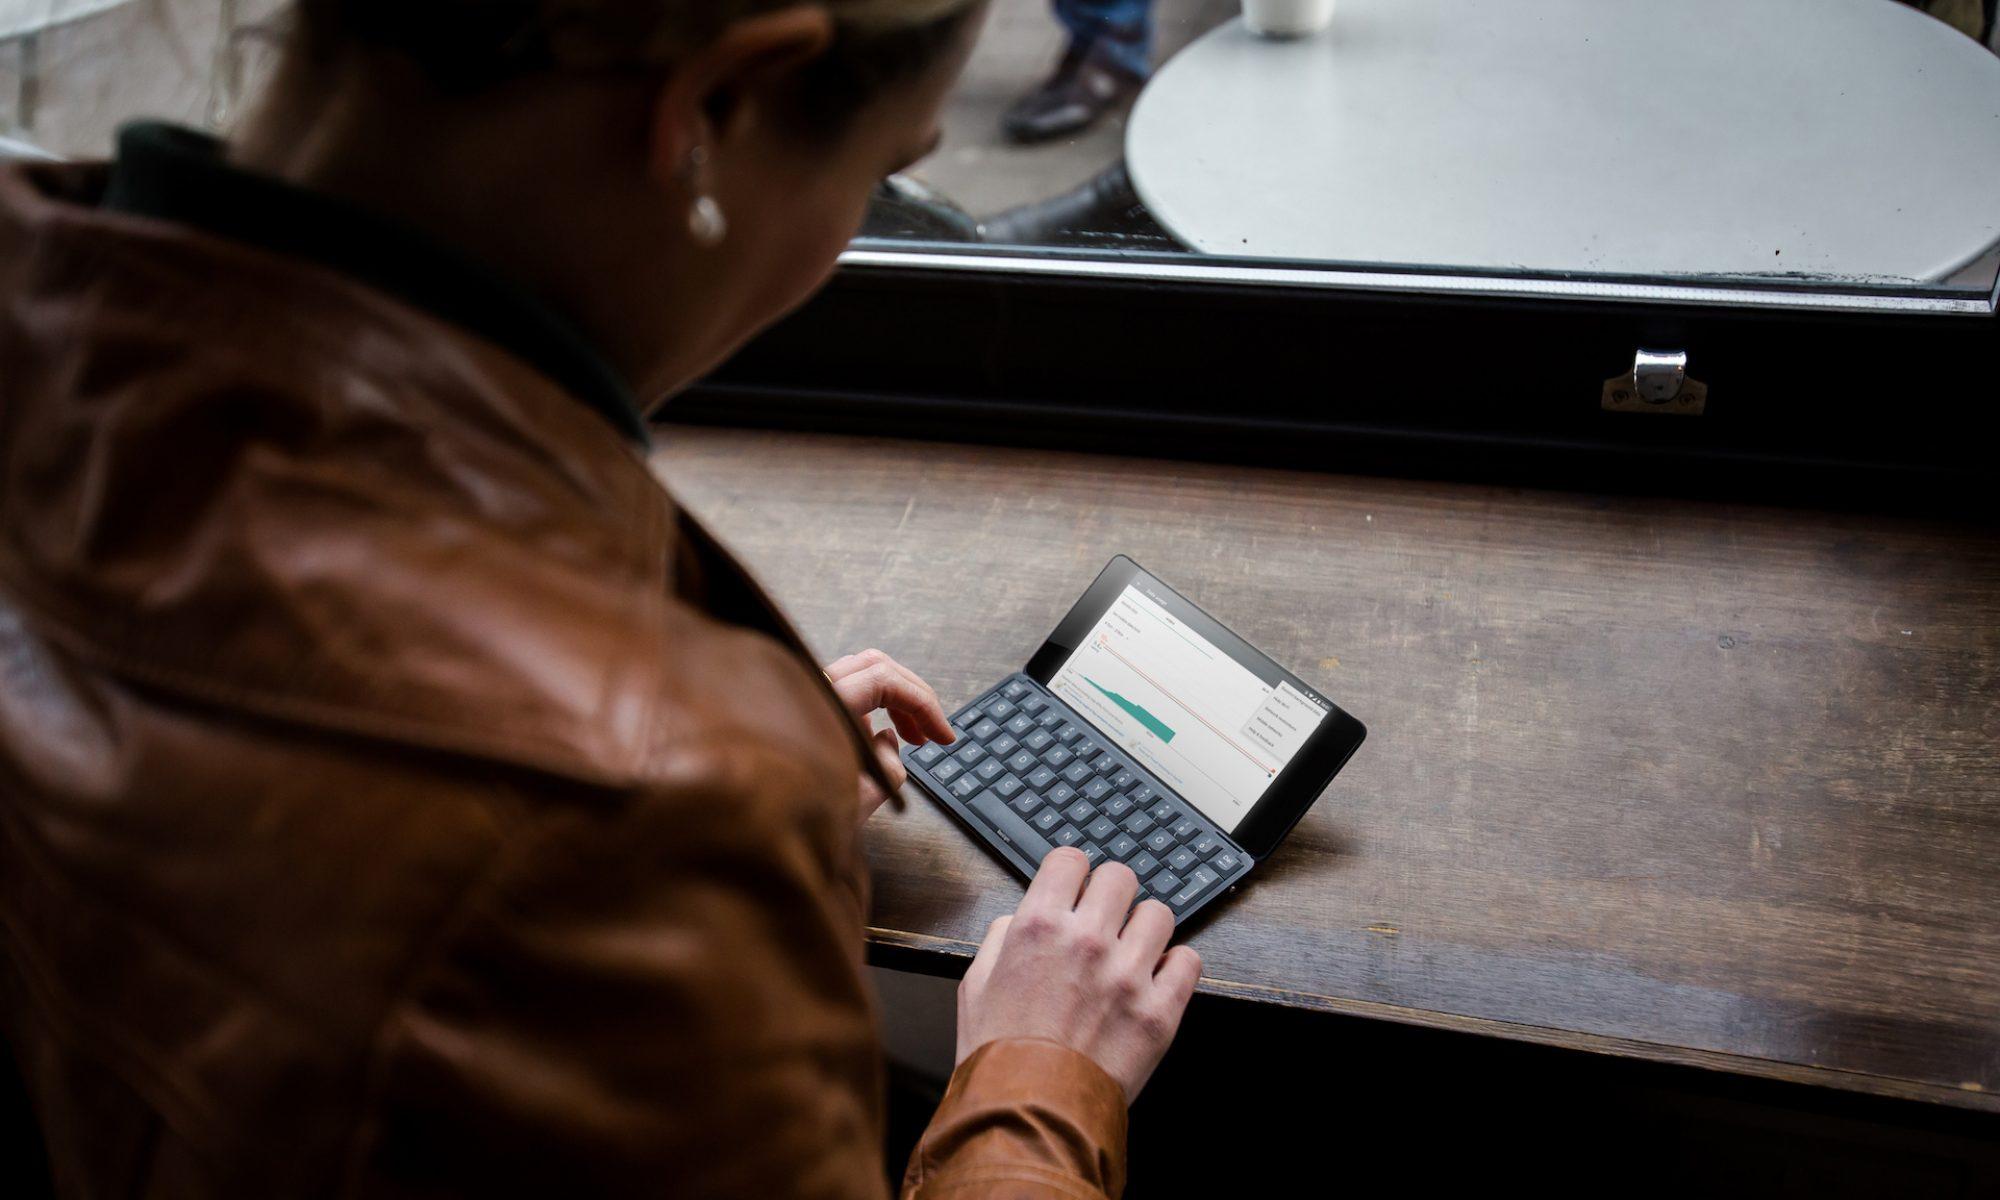 Gemini смартфон ноутбук